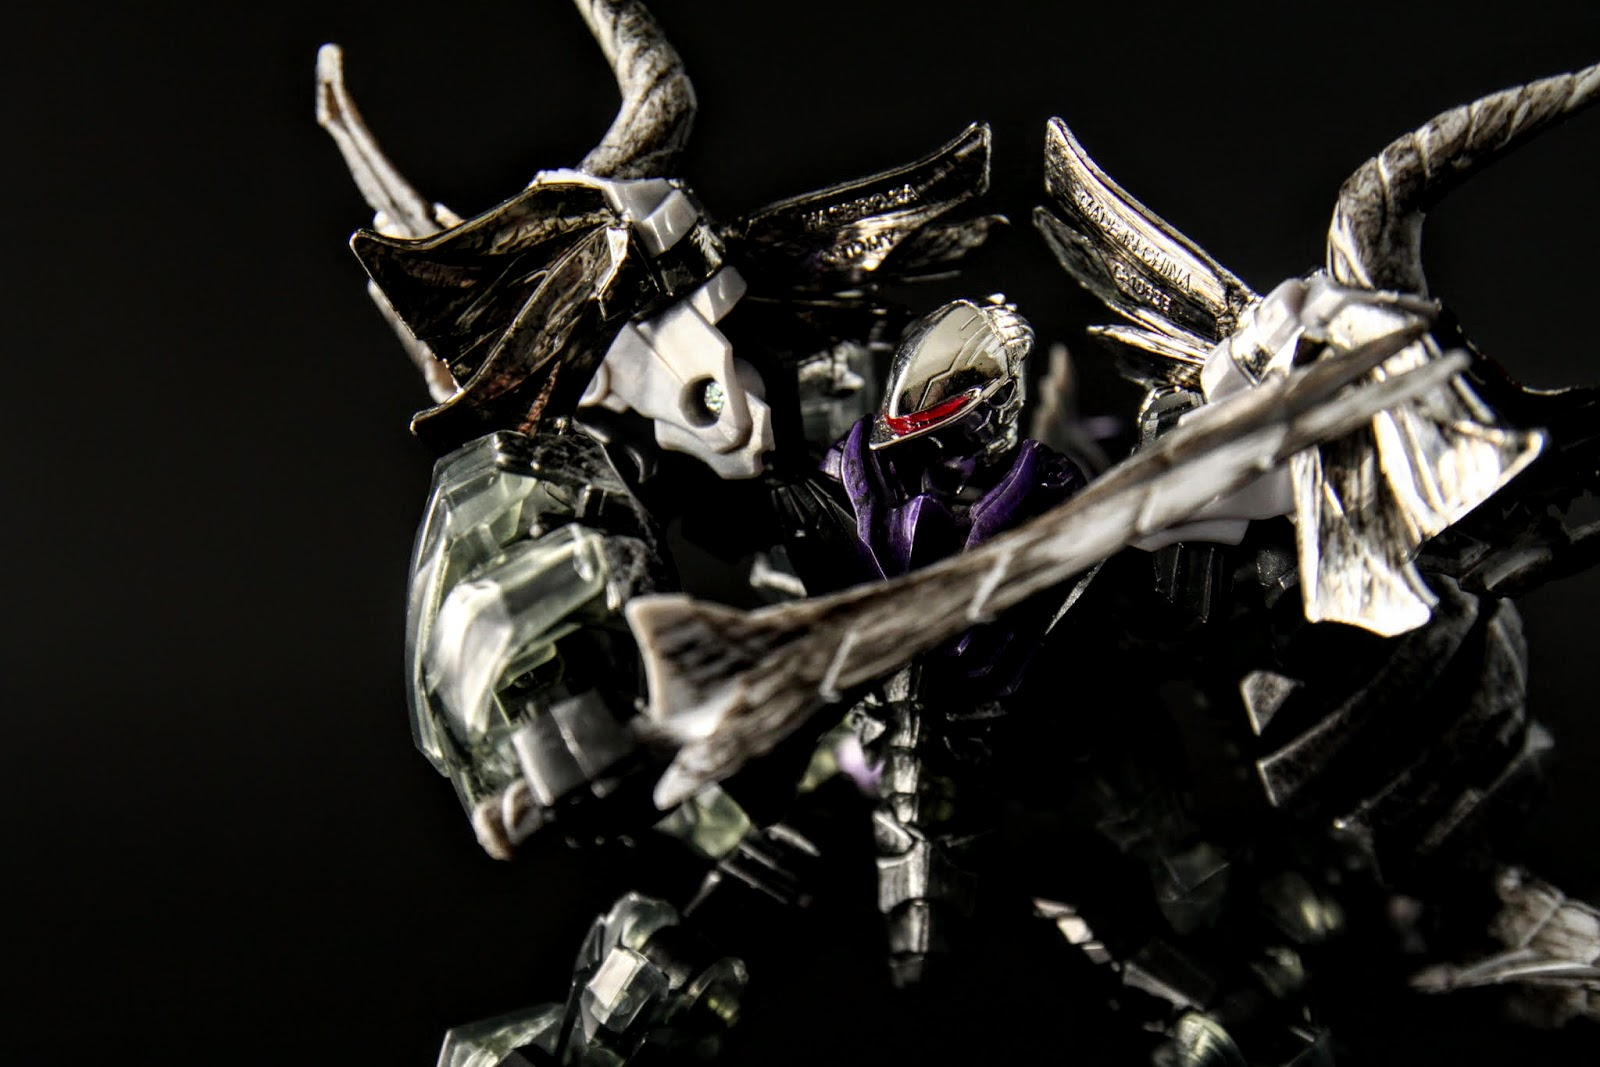 武器就是龍型態裝在兩側的~匕首?